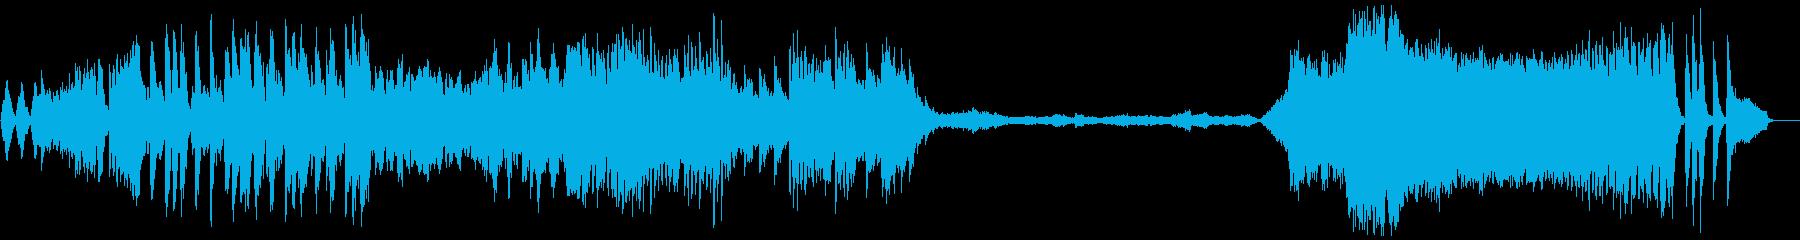 「新世界より」から第4楽章 編集版の再生済みの波形